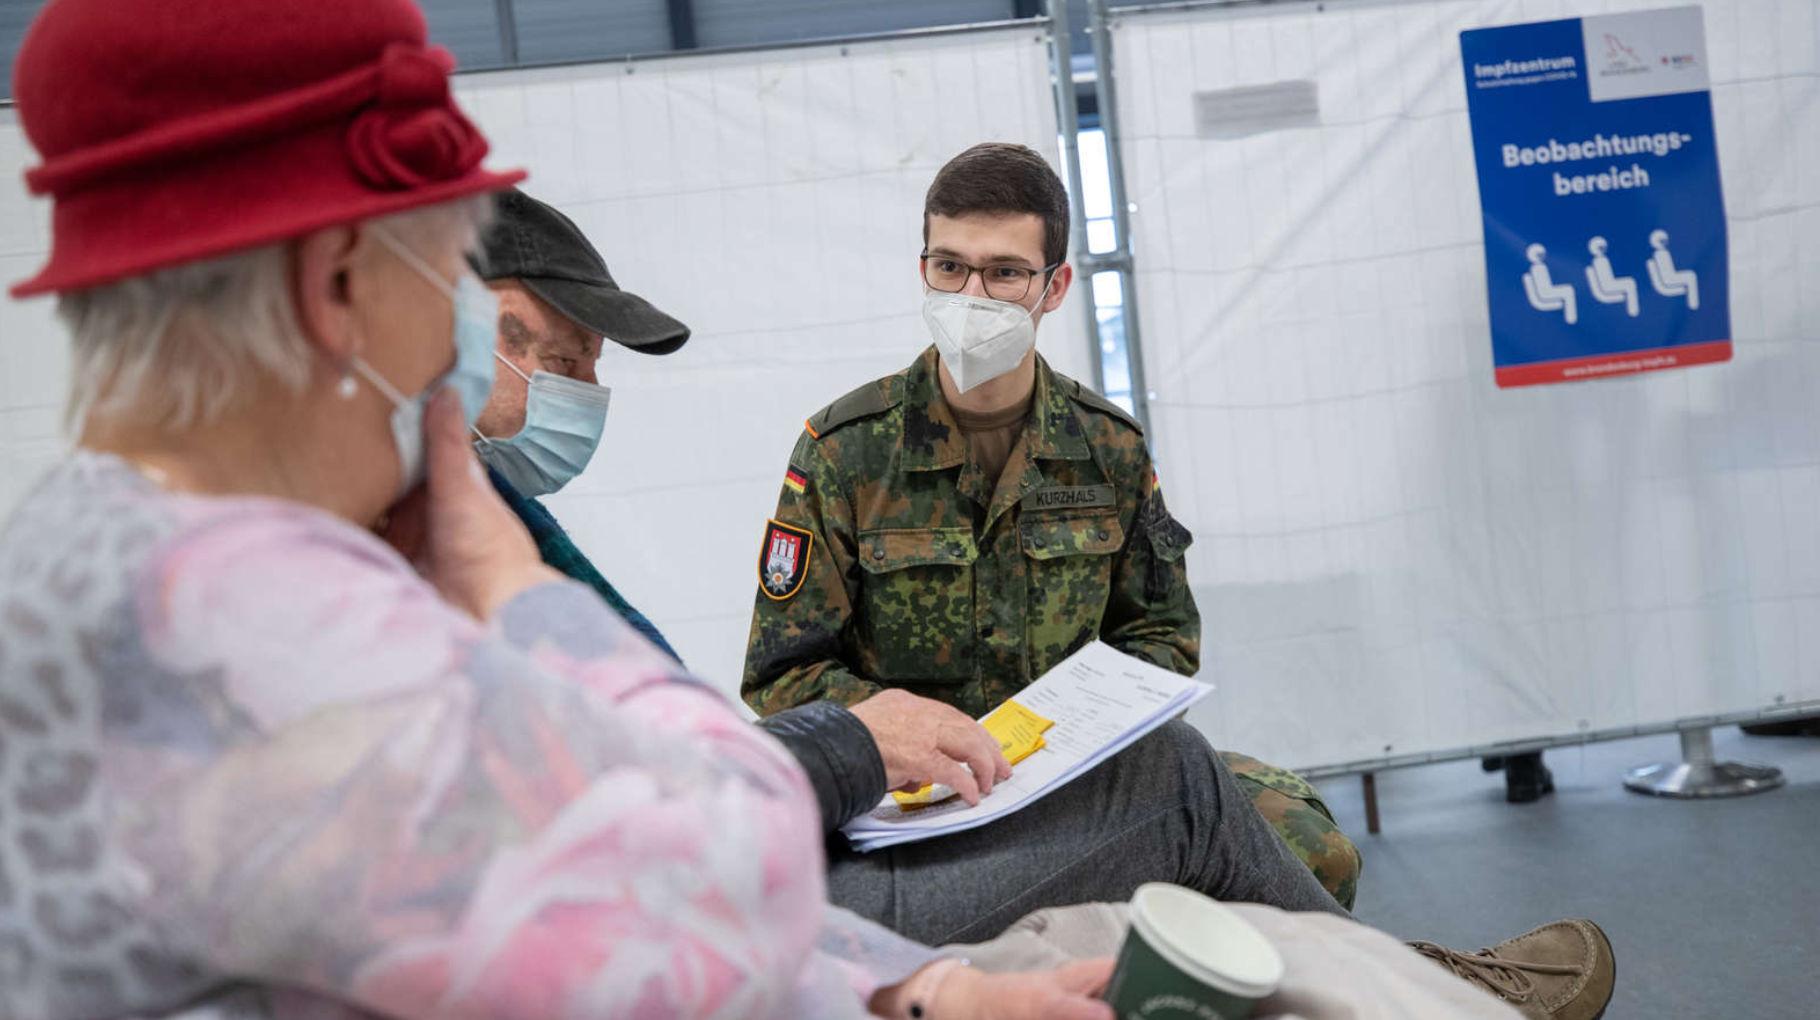 Amtshilfe der Bundeswehr in Impfzentren